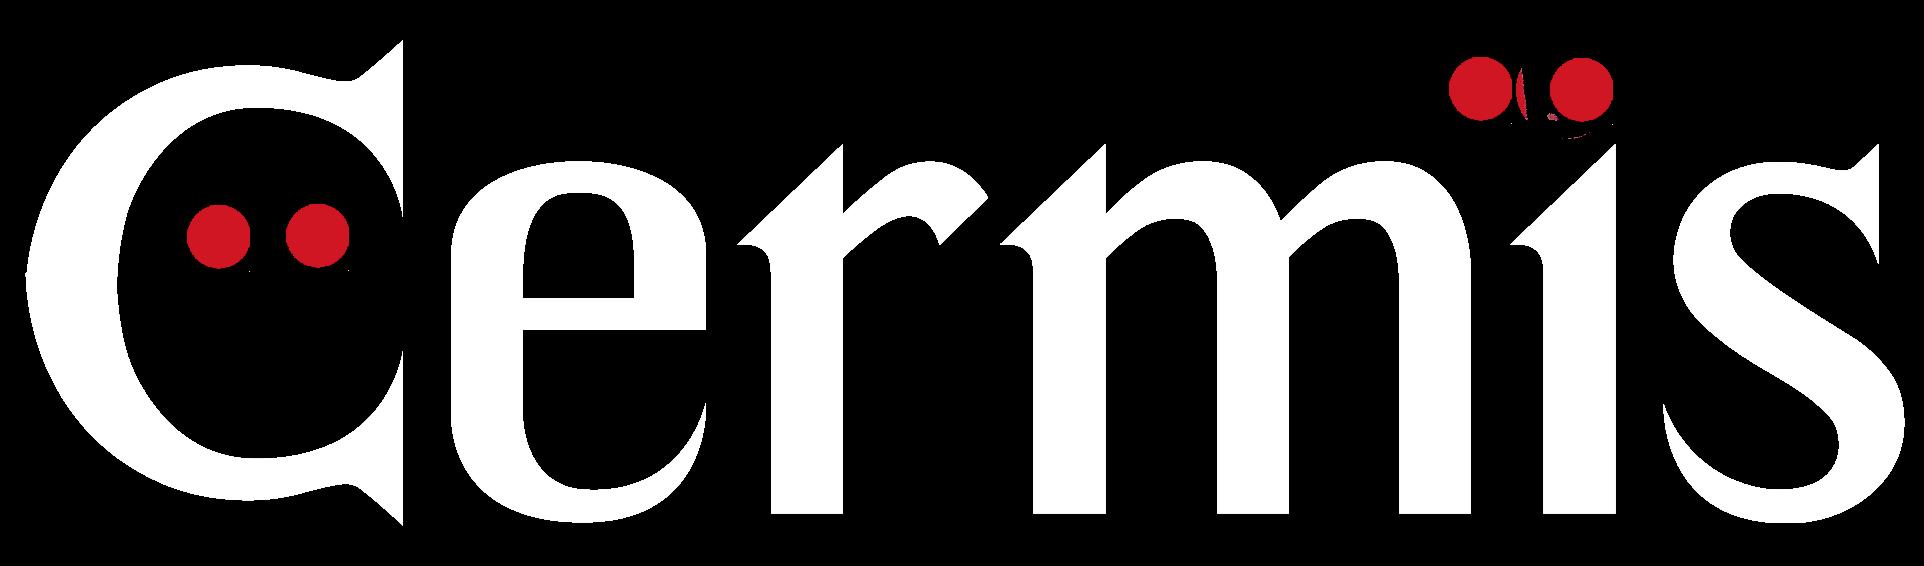 Cermis